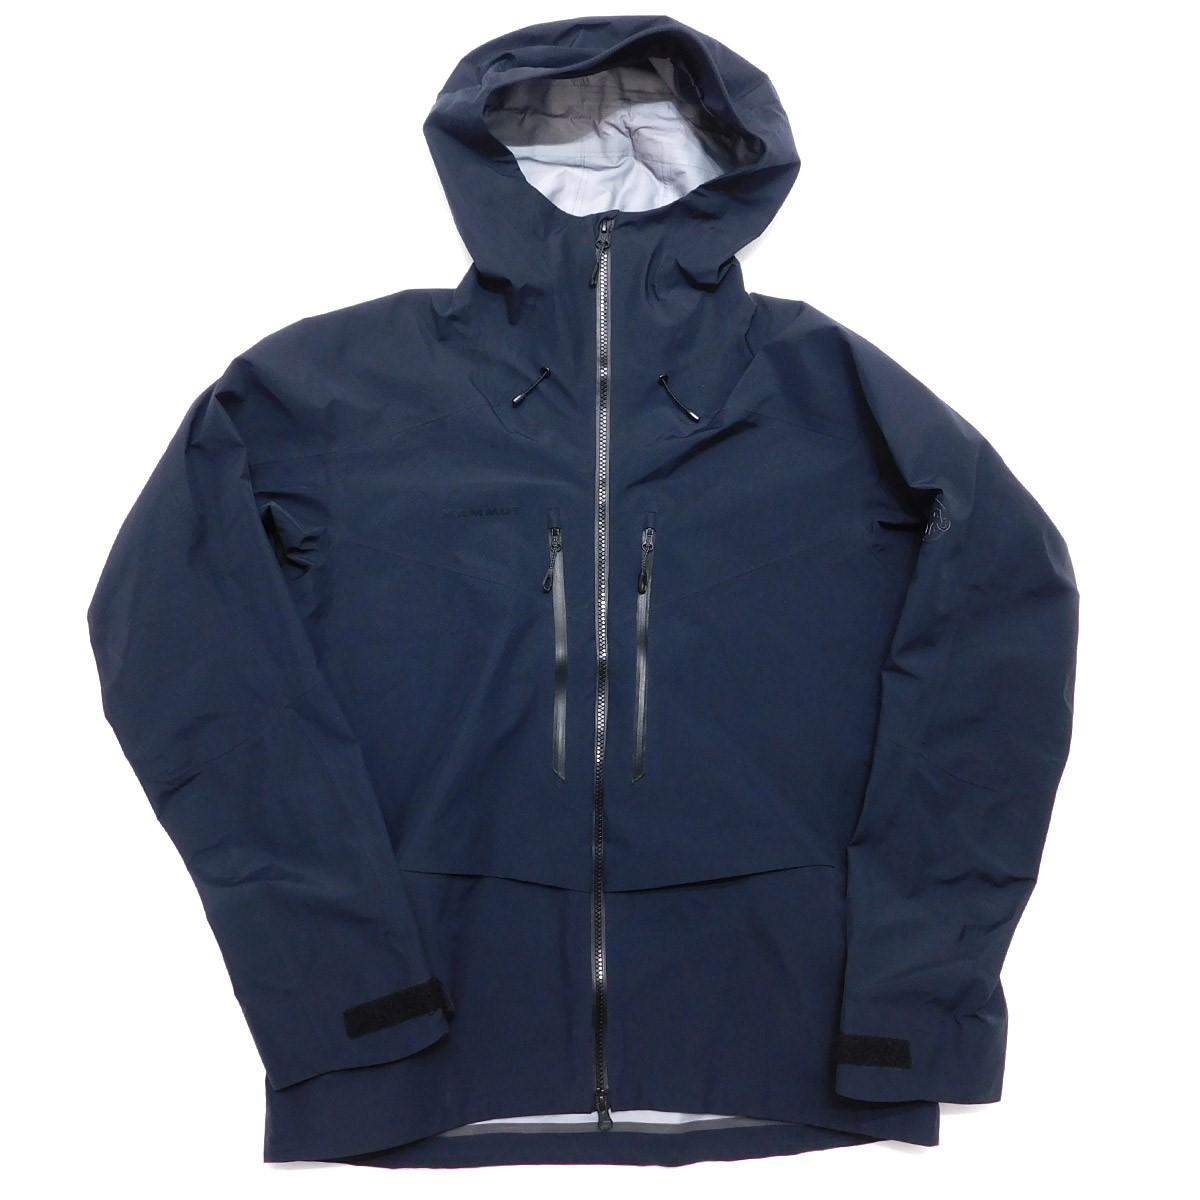 【中古】MAMMUT Teton HS Hooded AF 1010-27120 GORE-TEXマウンテンパーカー ブラック サイズ:asia:XL 【040420】(マムート)